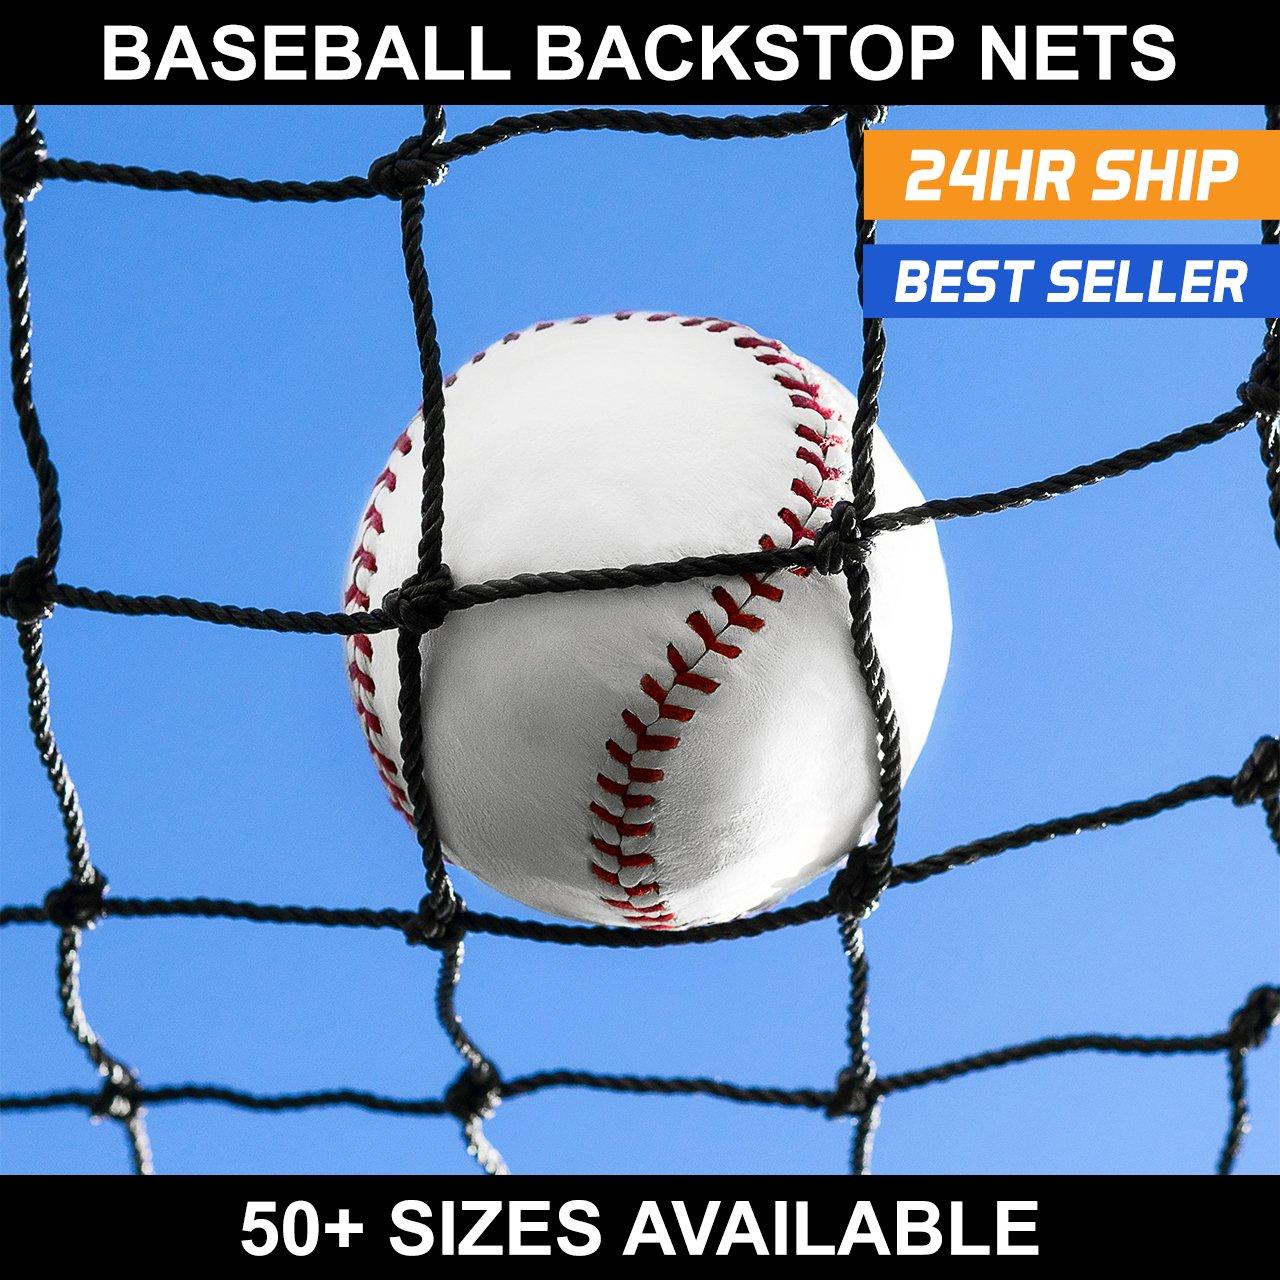 Net World Sports Baseball Backstop Nets - 50 (01. 5' x 5')